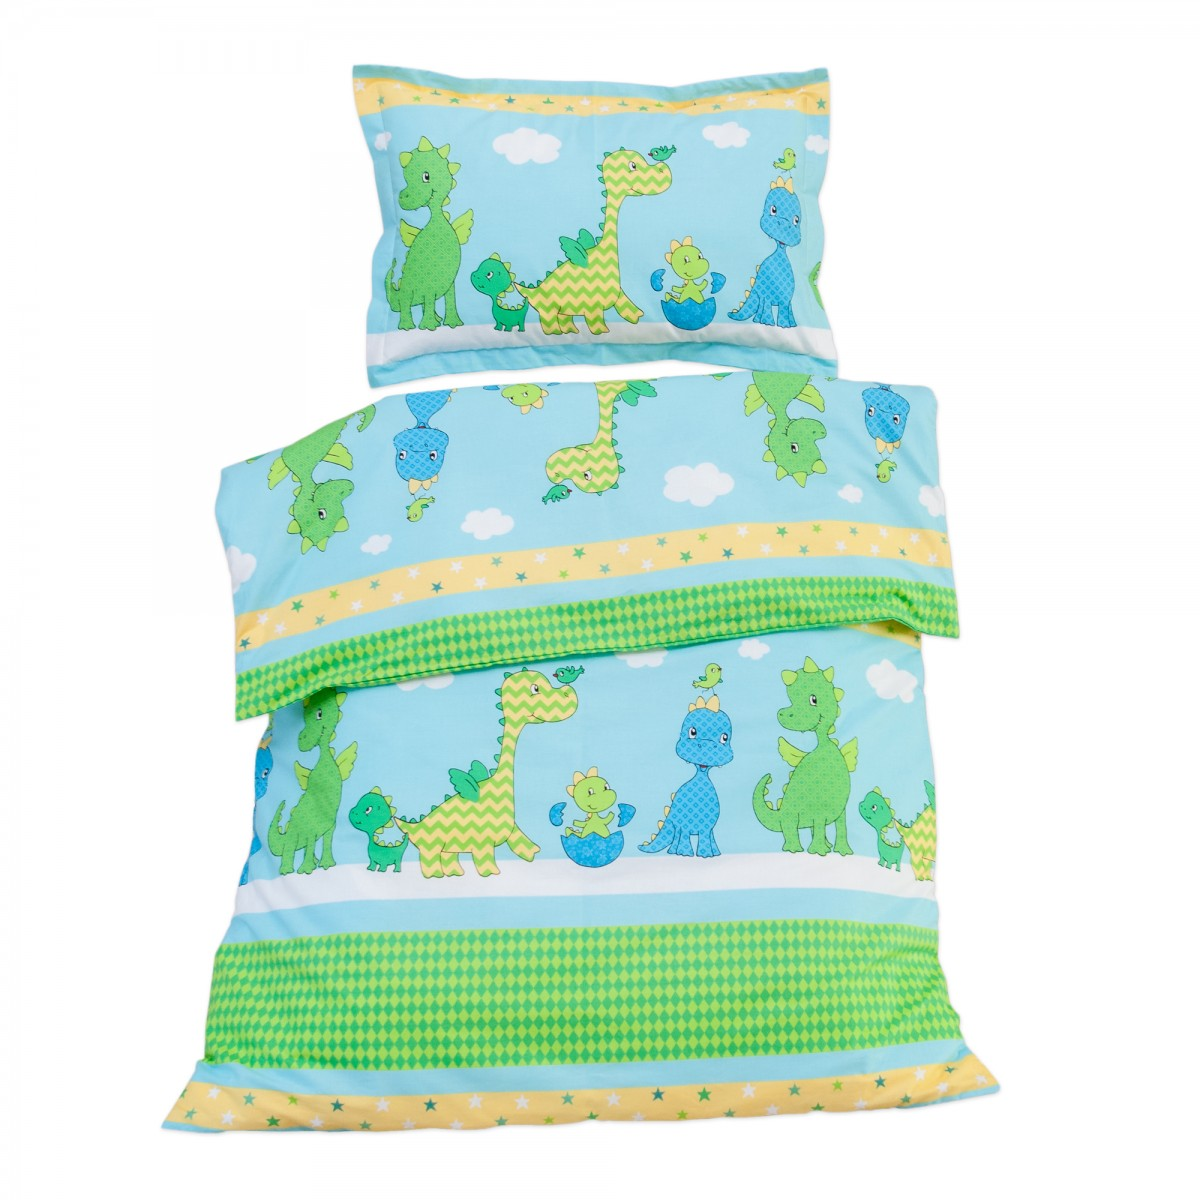 les dinosaures joyeux 100 coton parure de lit pour b b housse de couette et taie d 39 oreiller. Black Bedroom Furniture Sets. Home Design Ideas